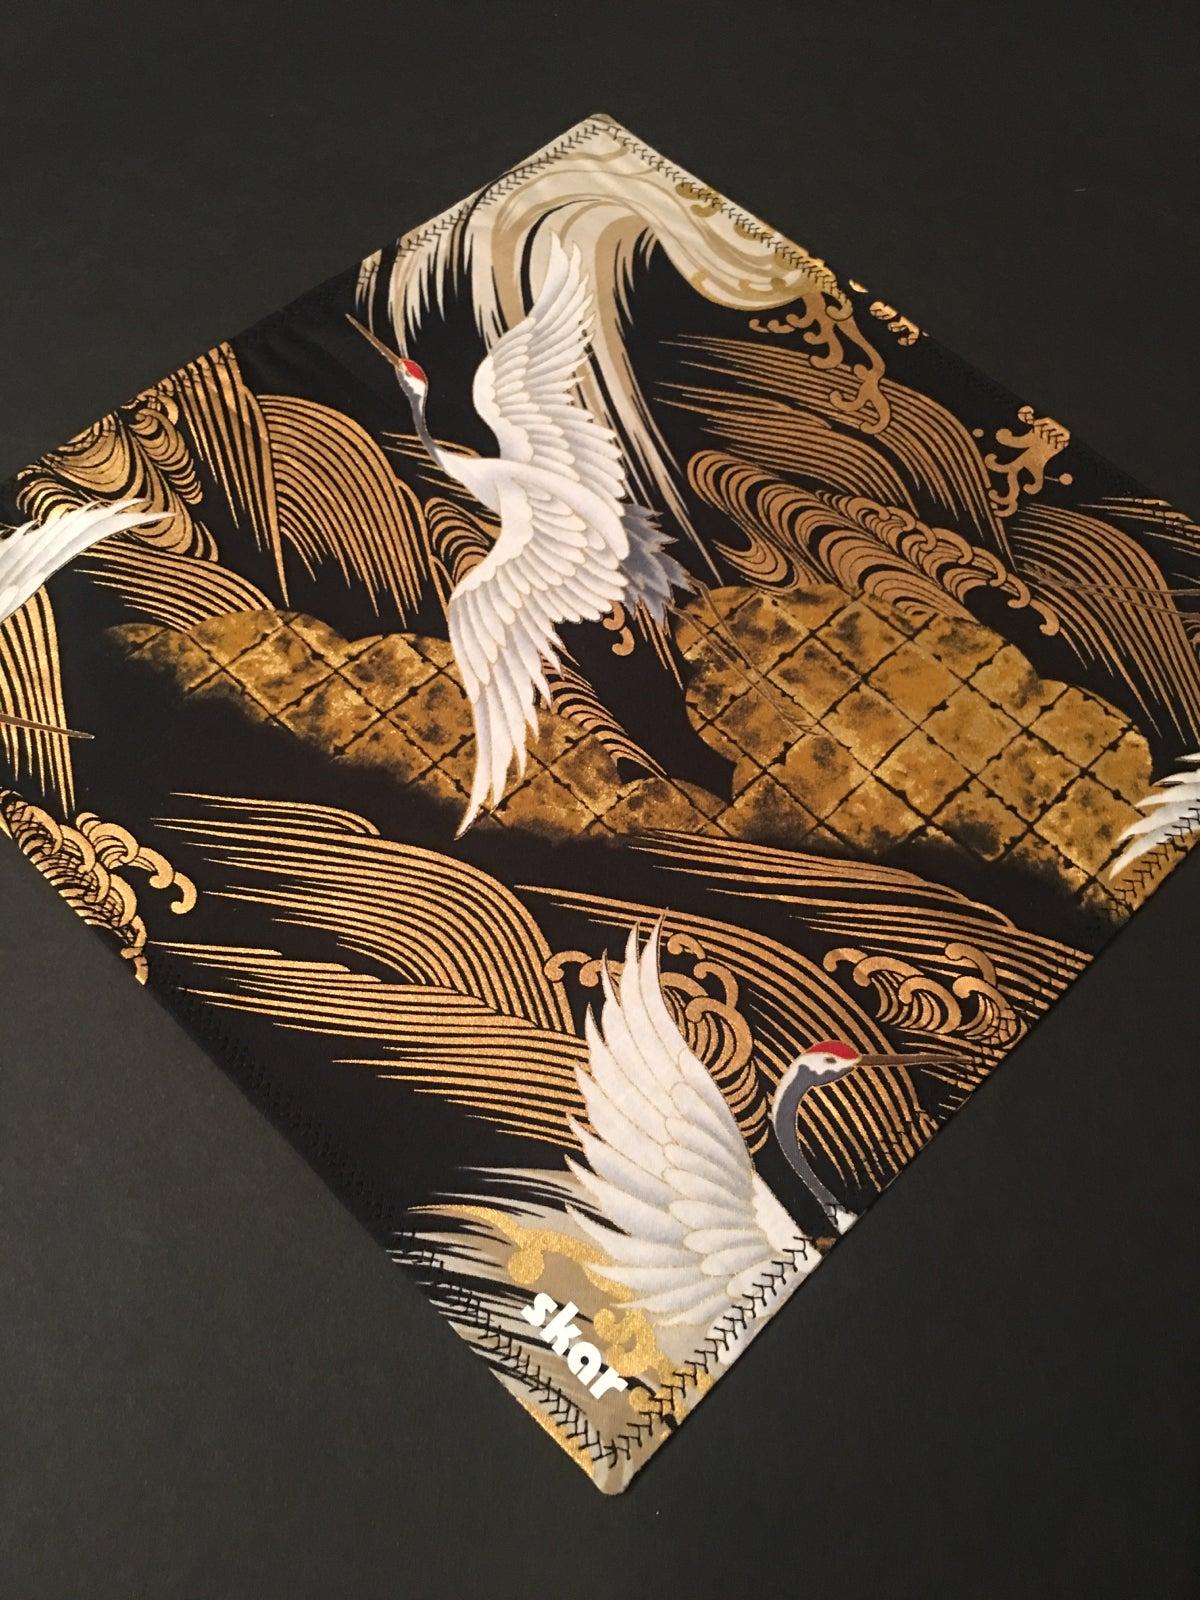 Image of Golden Cranes